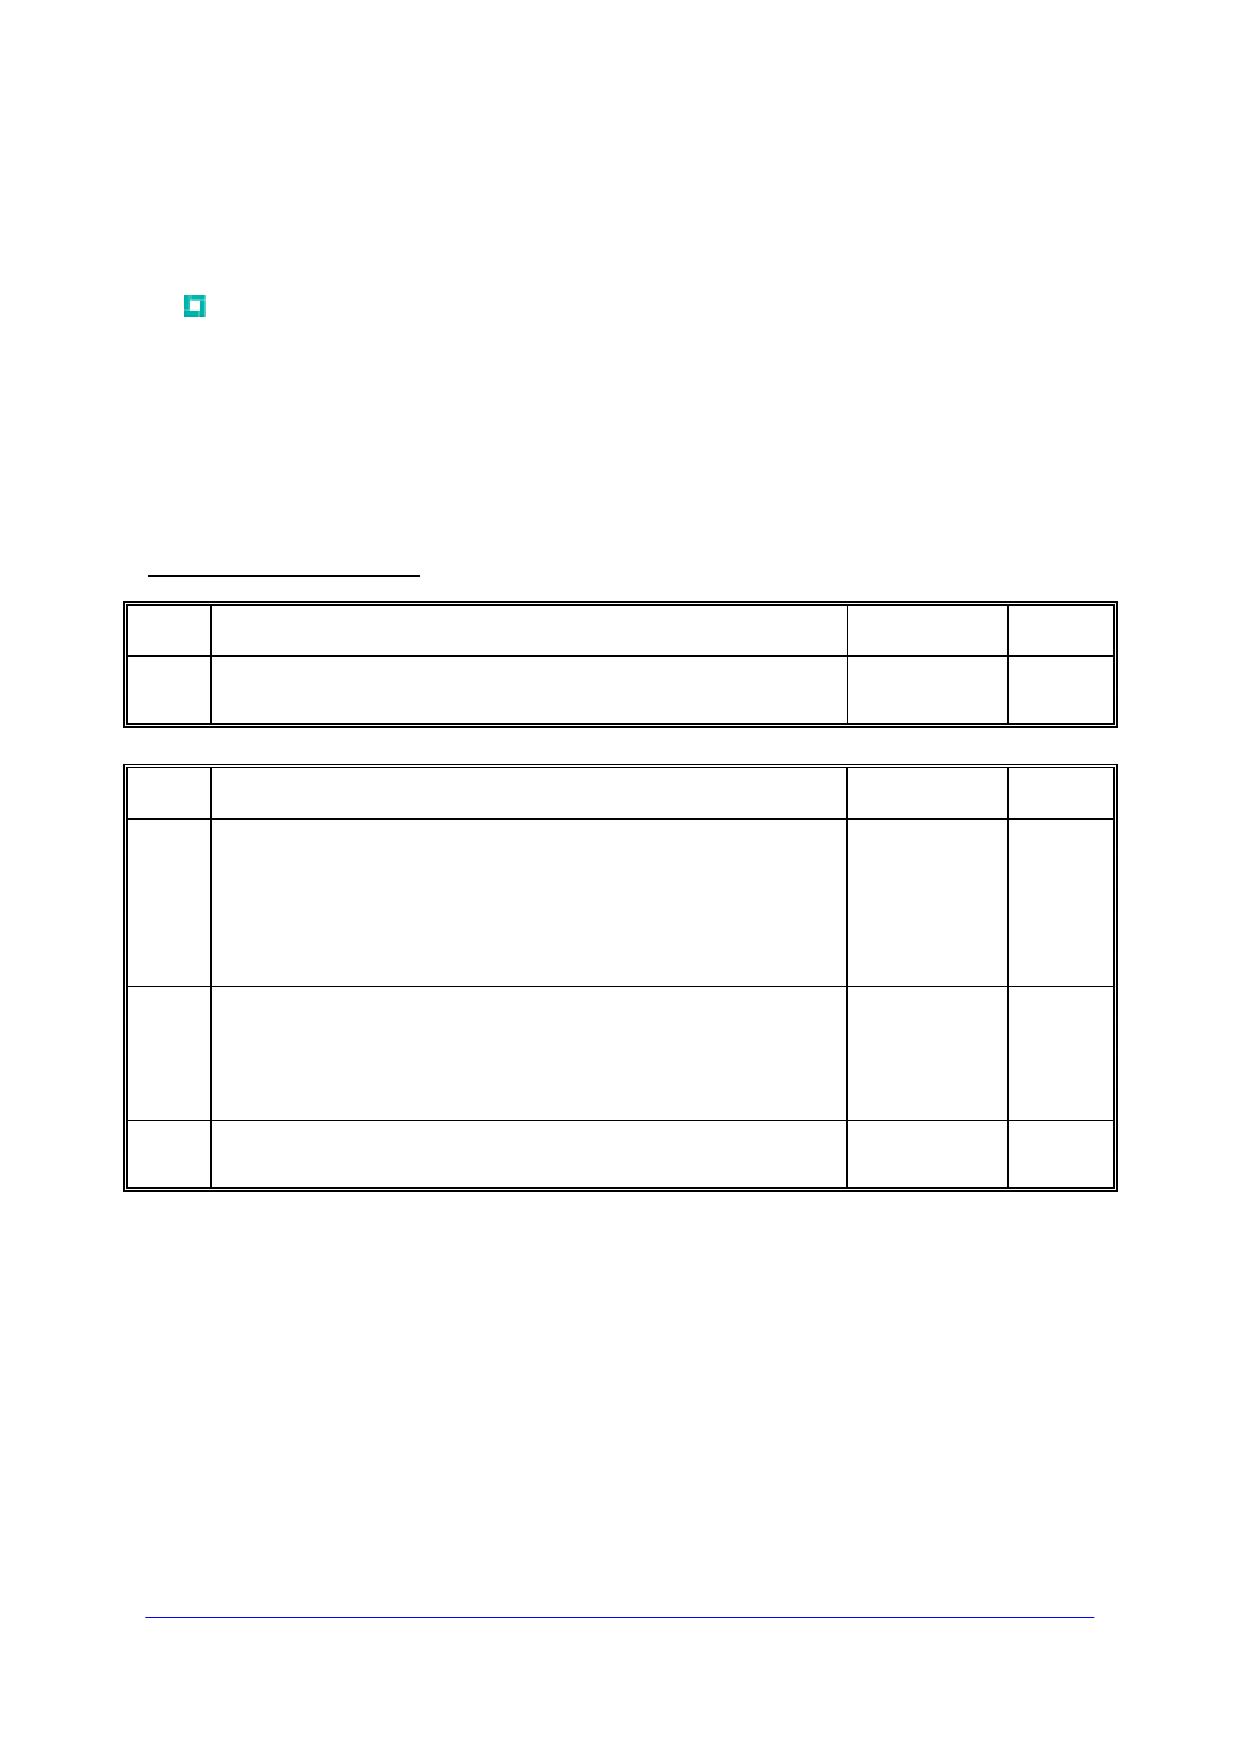 M0225YH420 دیتاشیت PDF